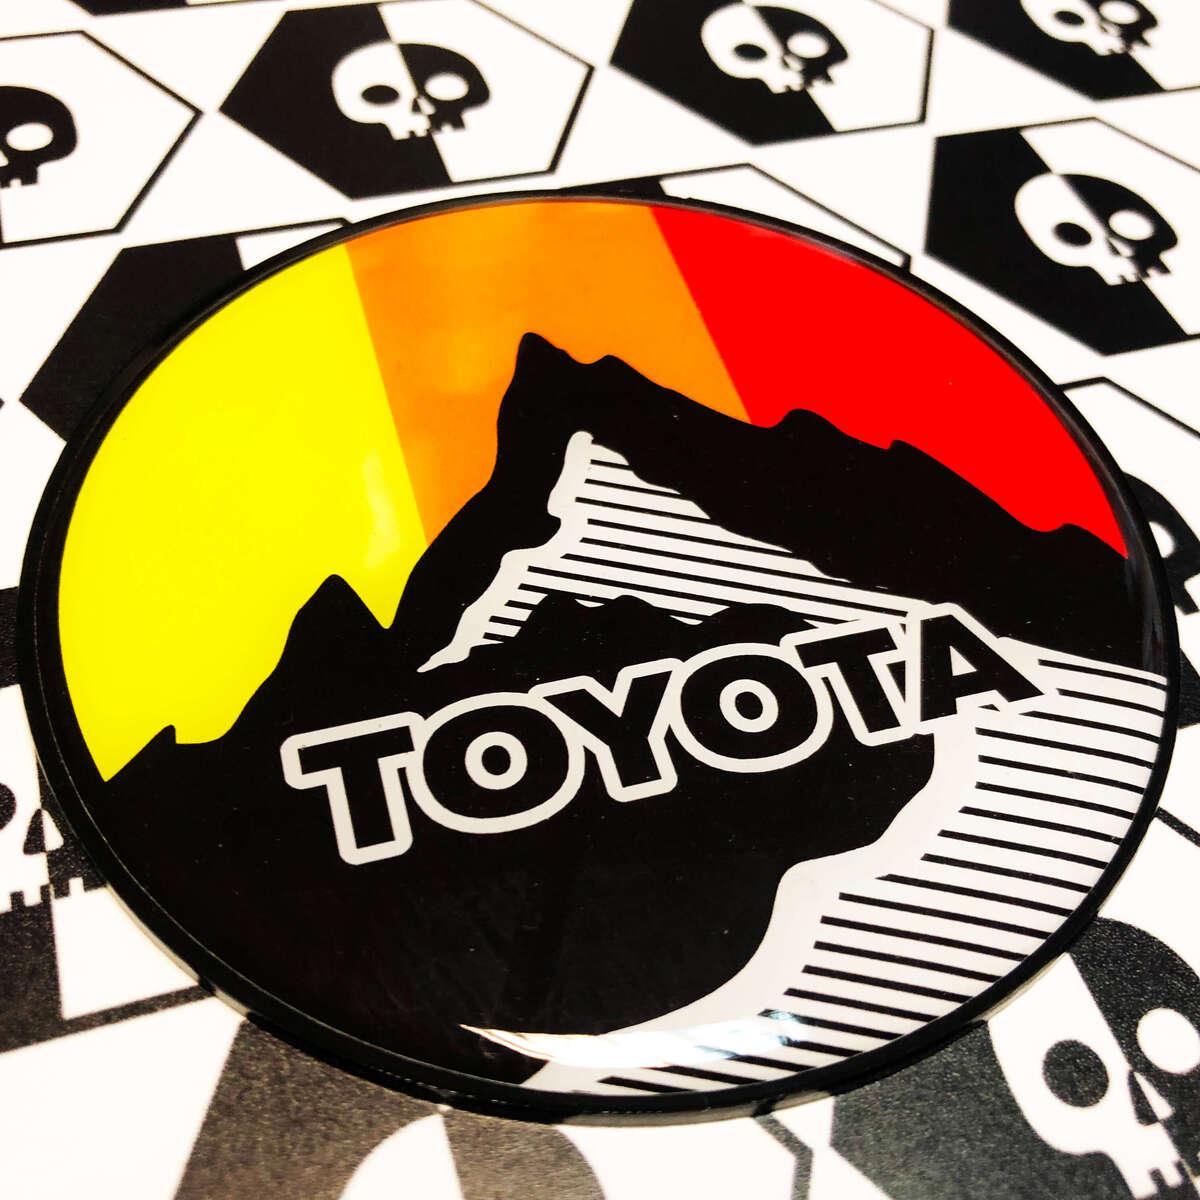 Neue Toyota Sun Mountains Vintage Farben Abzeichen Emblem Kuppel Aufkleber mit High Impact Polystyrol